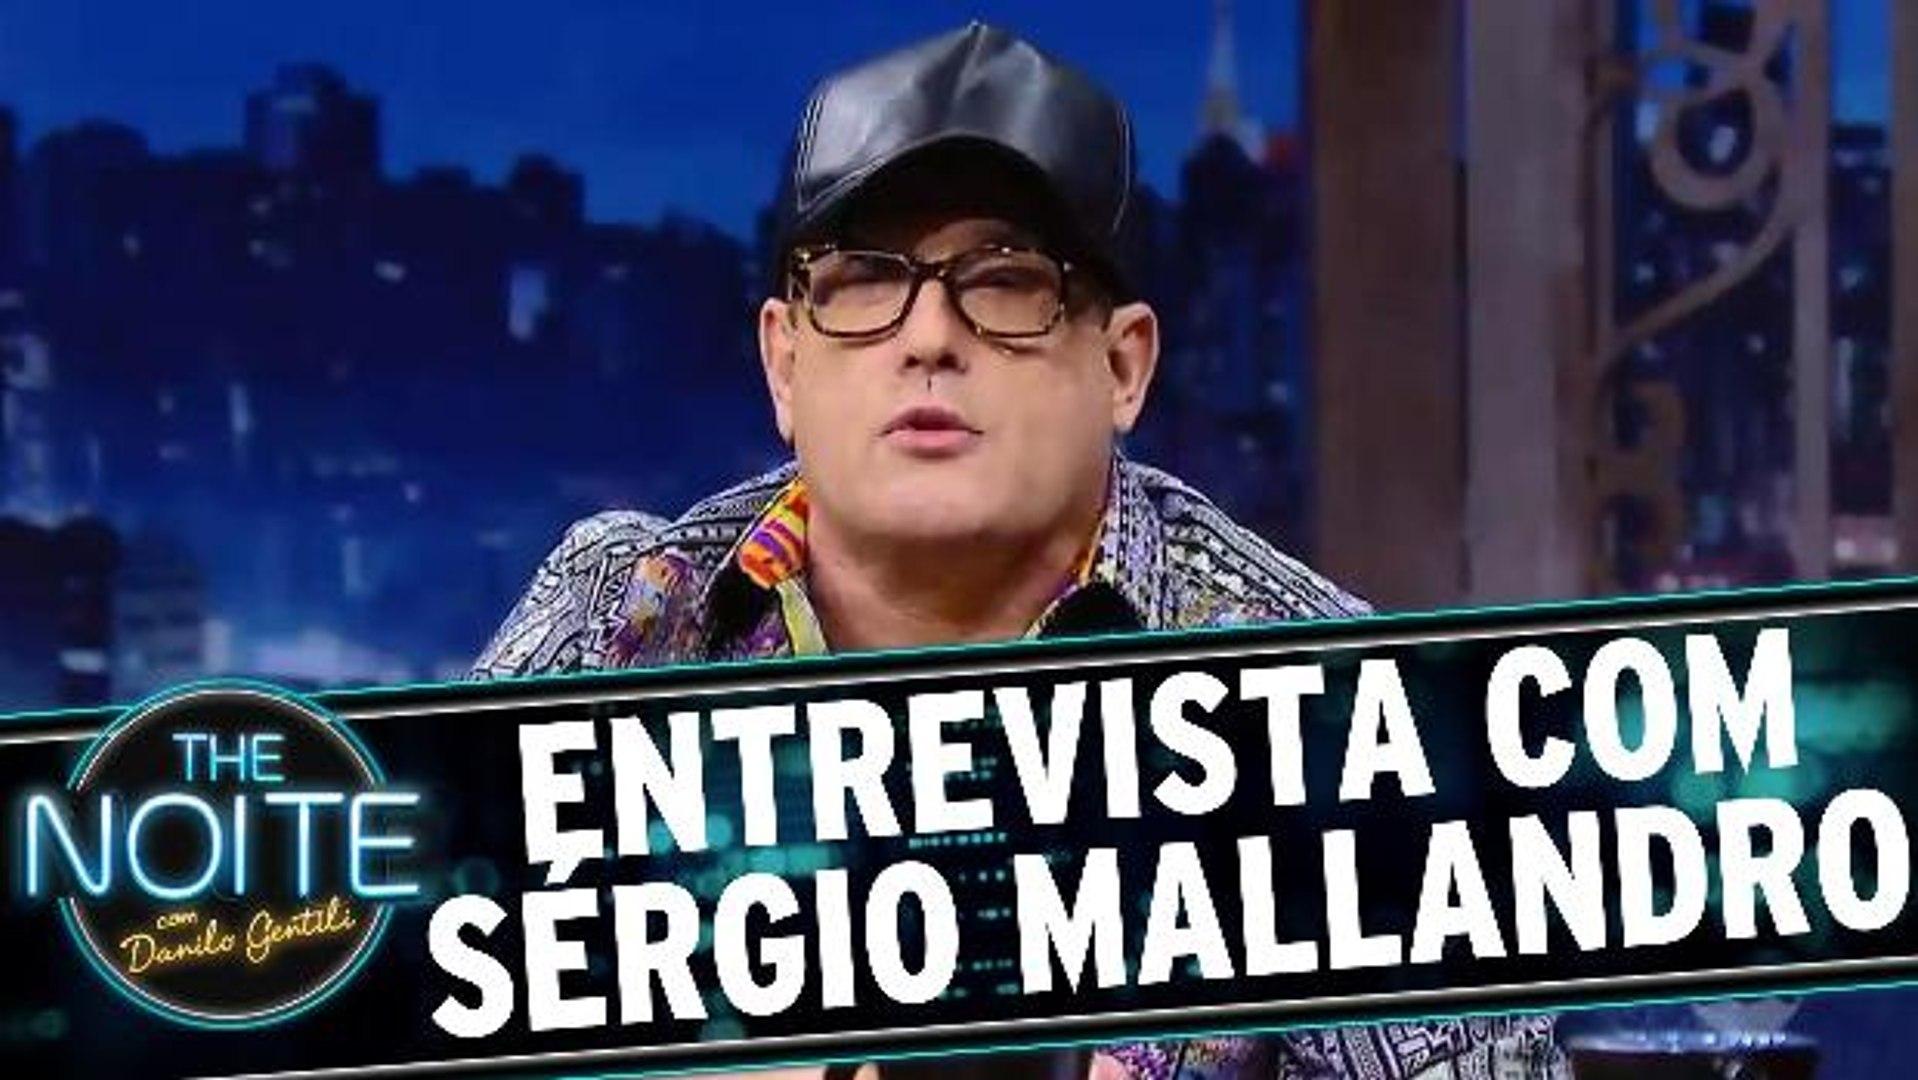 Entrevista com Sérgio Mallandro (ou Cavalcanti)